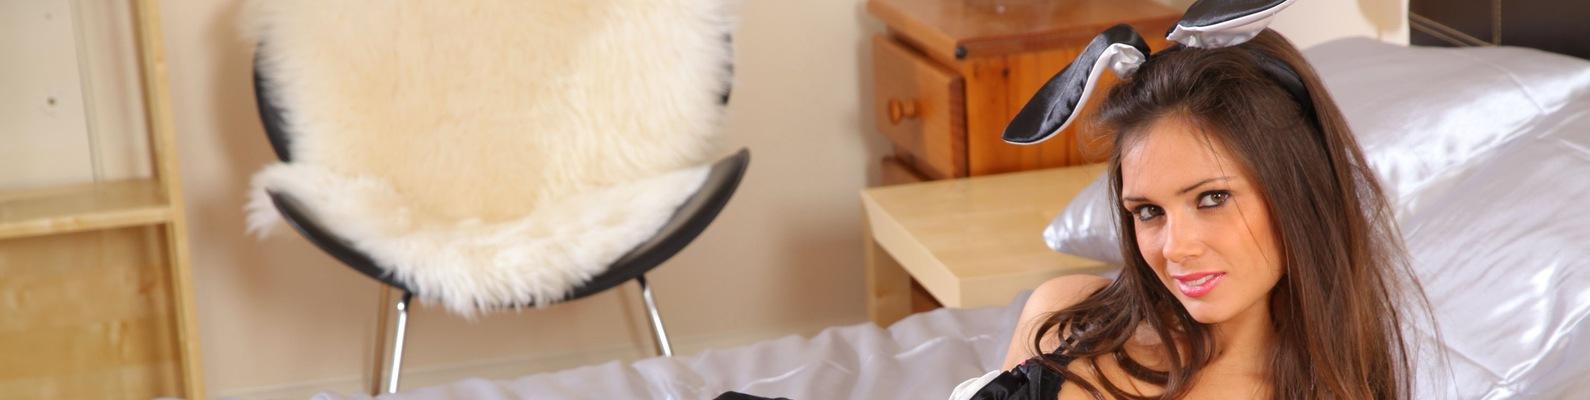 Работа личный водитель для девушки новосибирска работа моделью женщина в возрасте